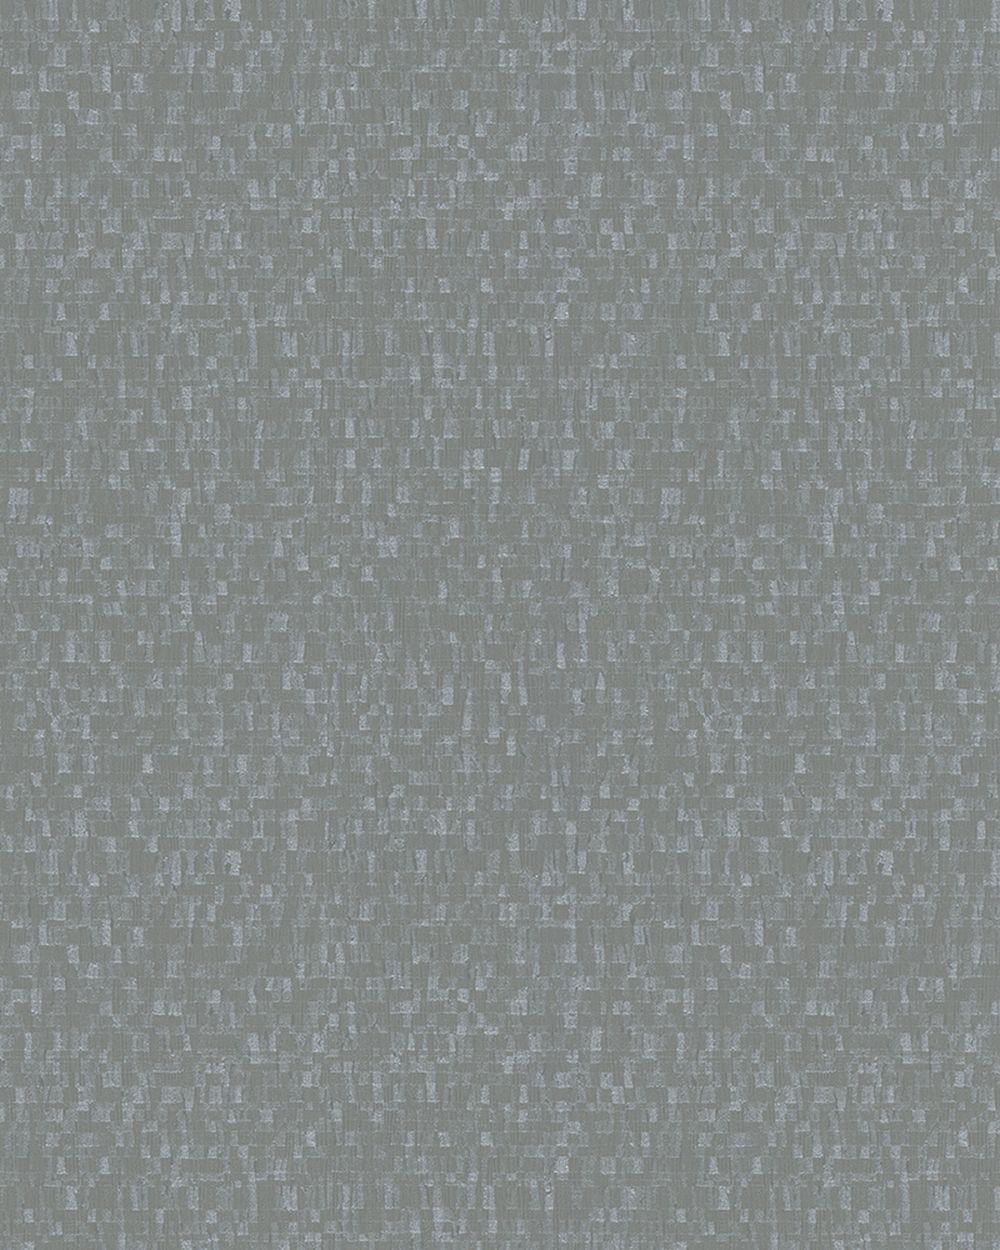 Bevorzugt Vliestapete Design Muster grau silber Glanz Marburg 59348 TR72